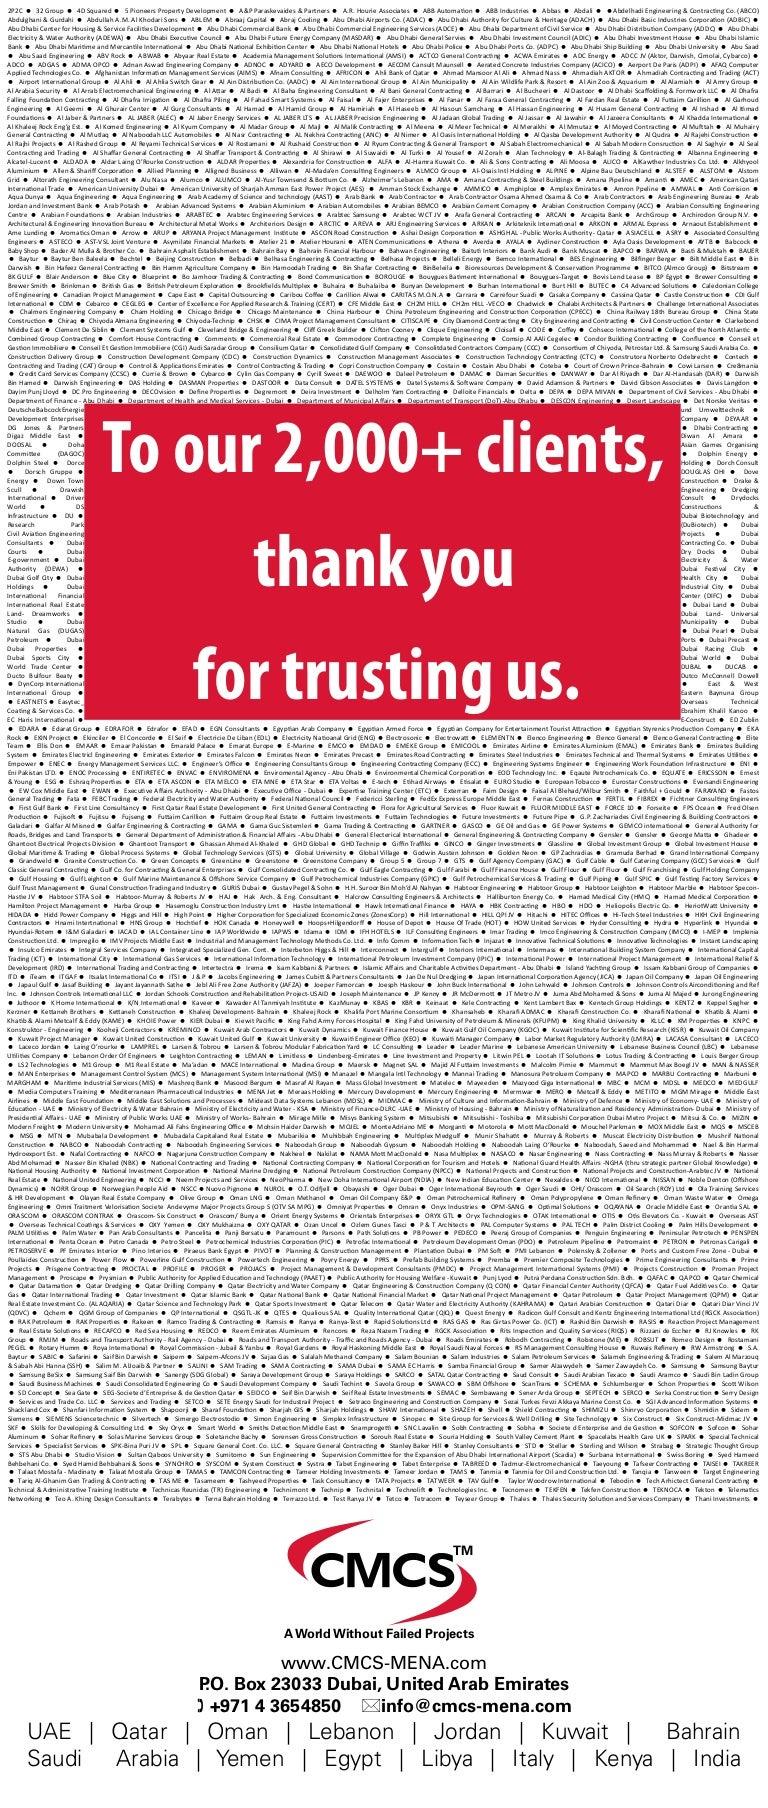 Our 2,000+ Clients